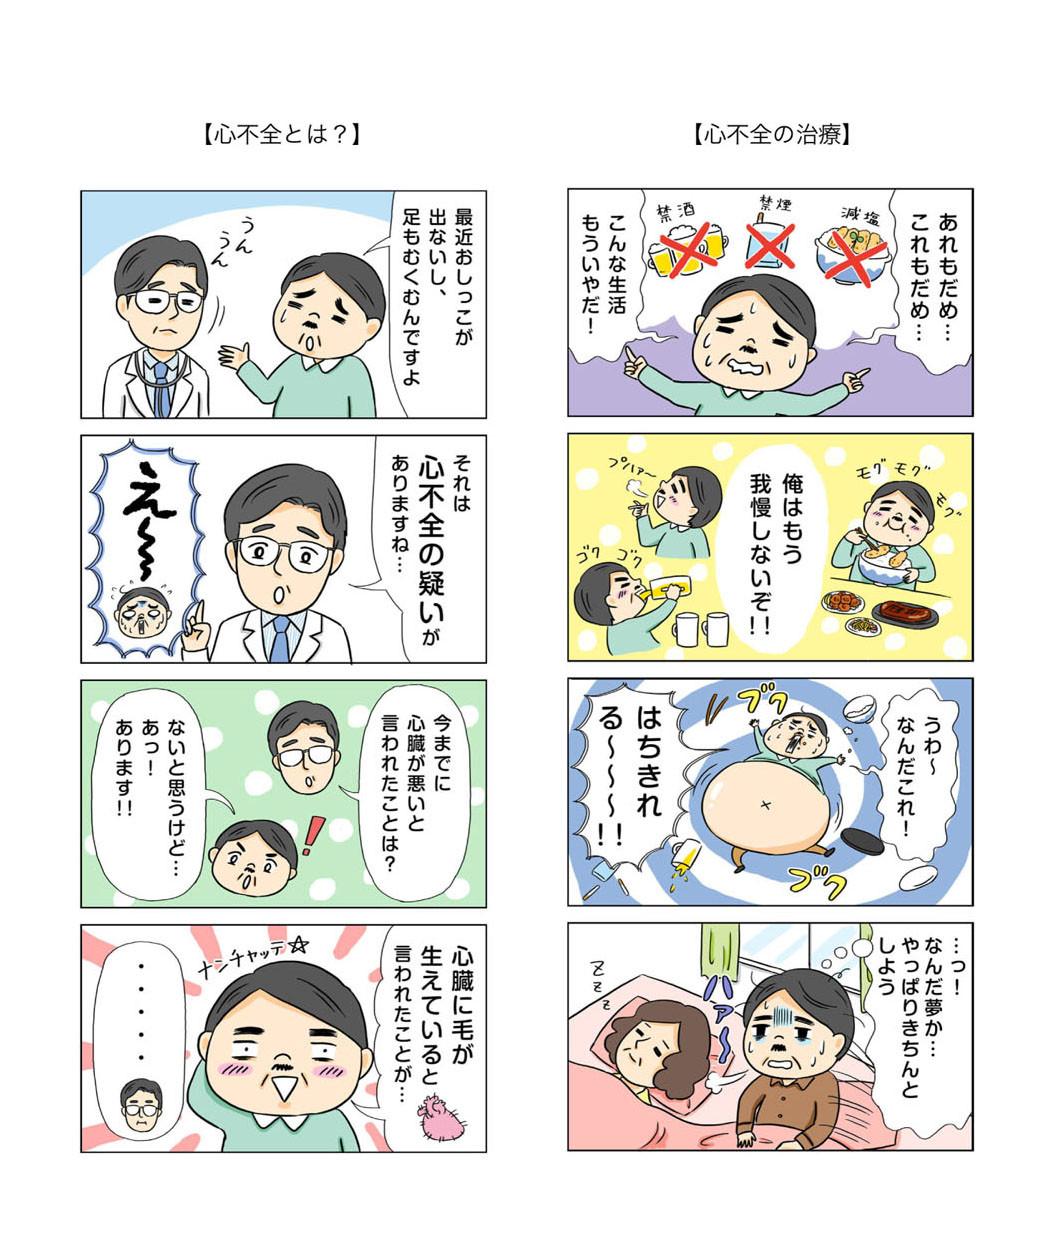 医療漫画(2015)